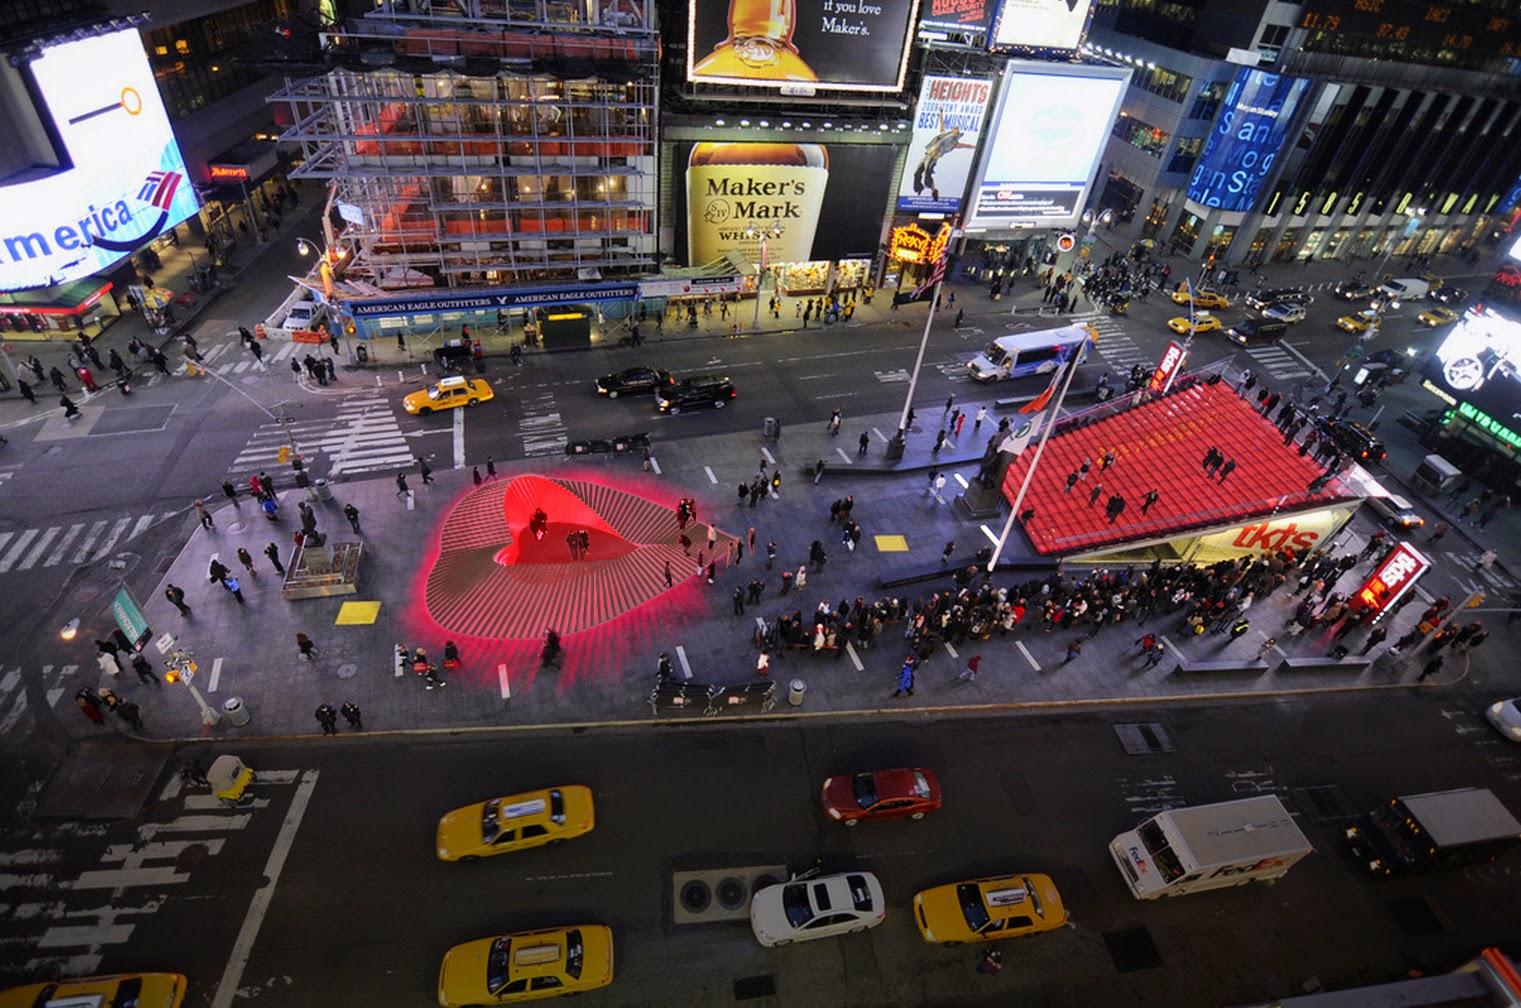 Il centro di Times Square dove sorge la famosa scalinata rossa per rinnovare una promessa d'amore